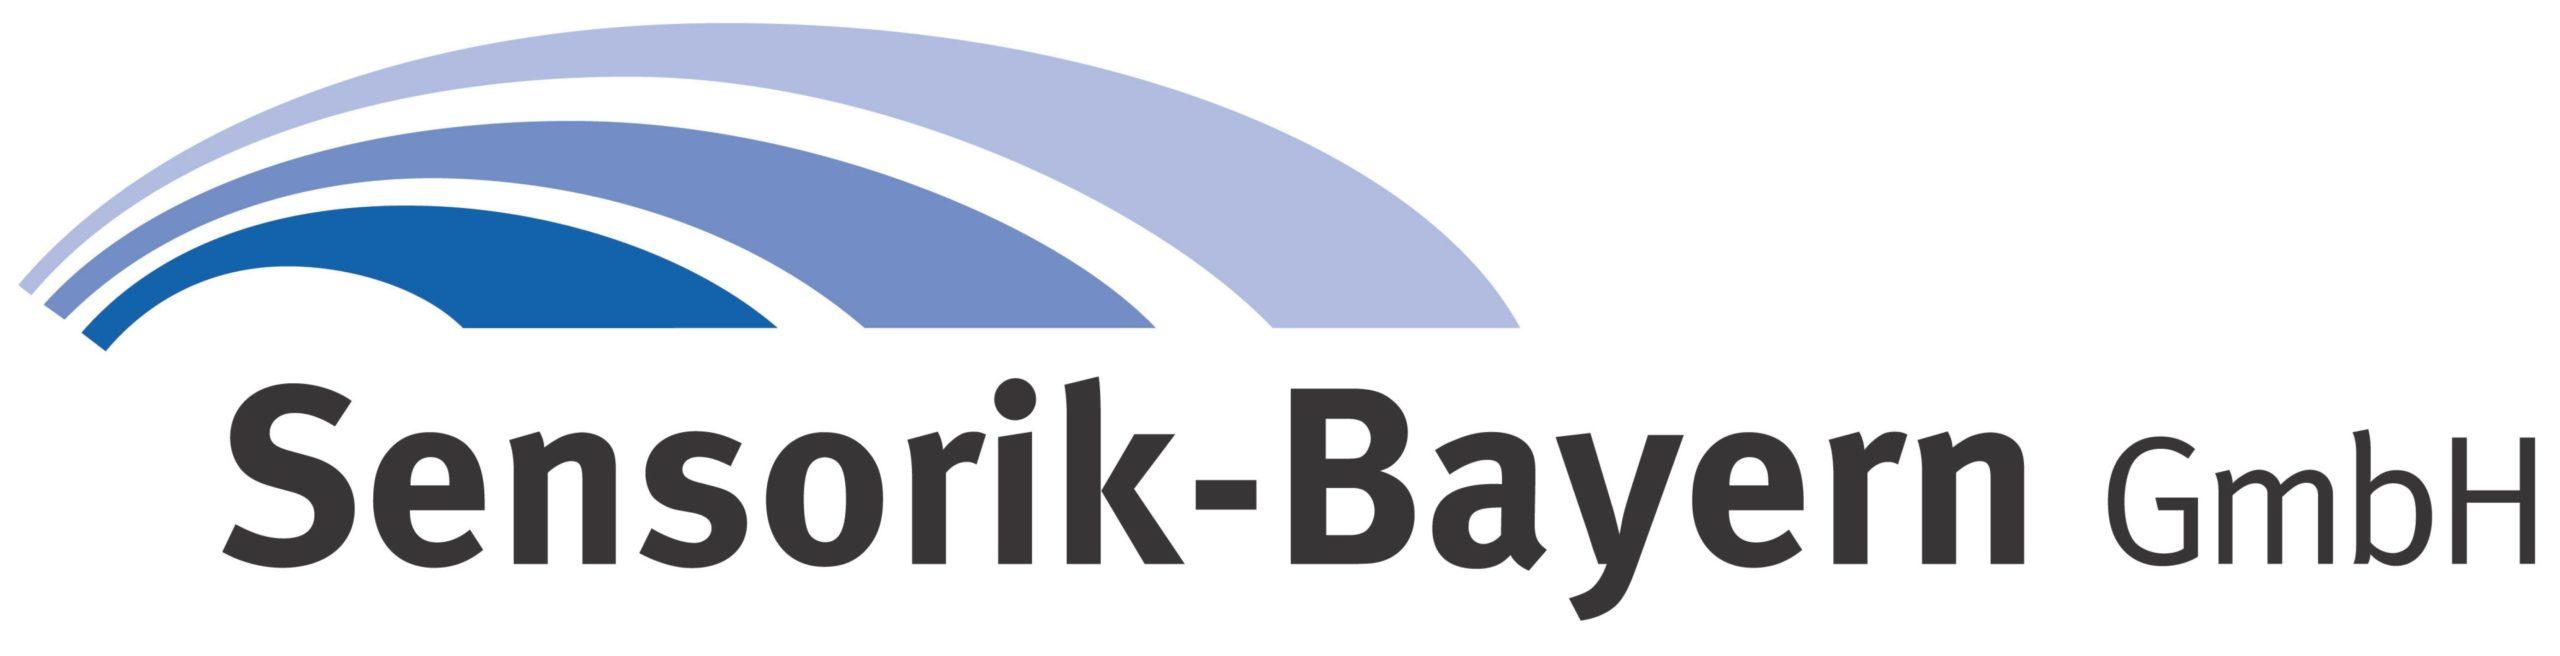 Sensorik-Bayern GmbH